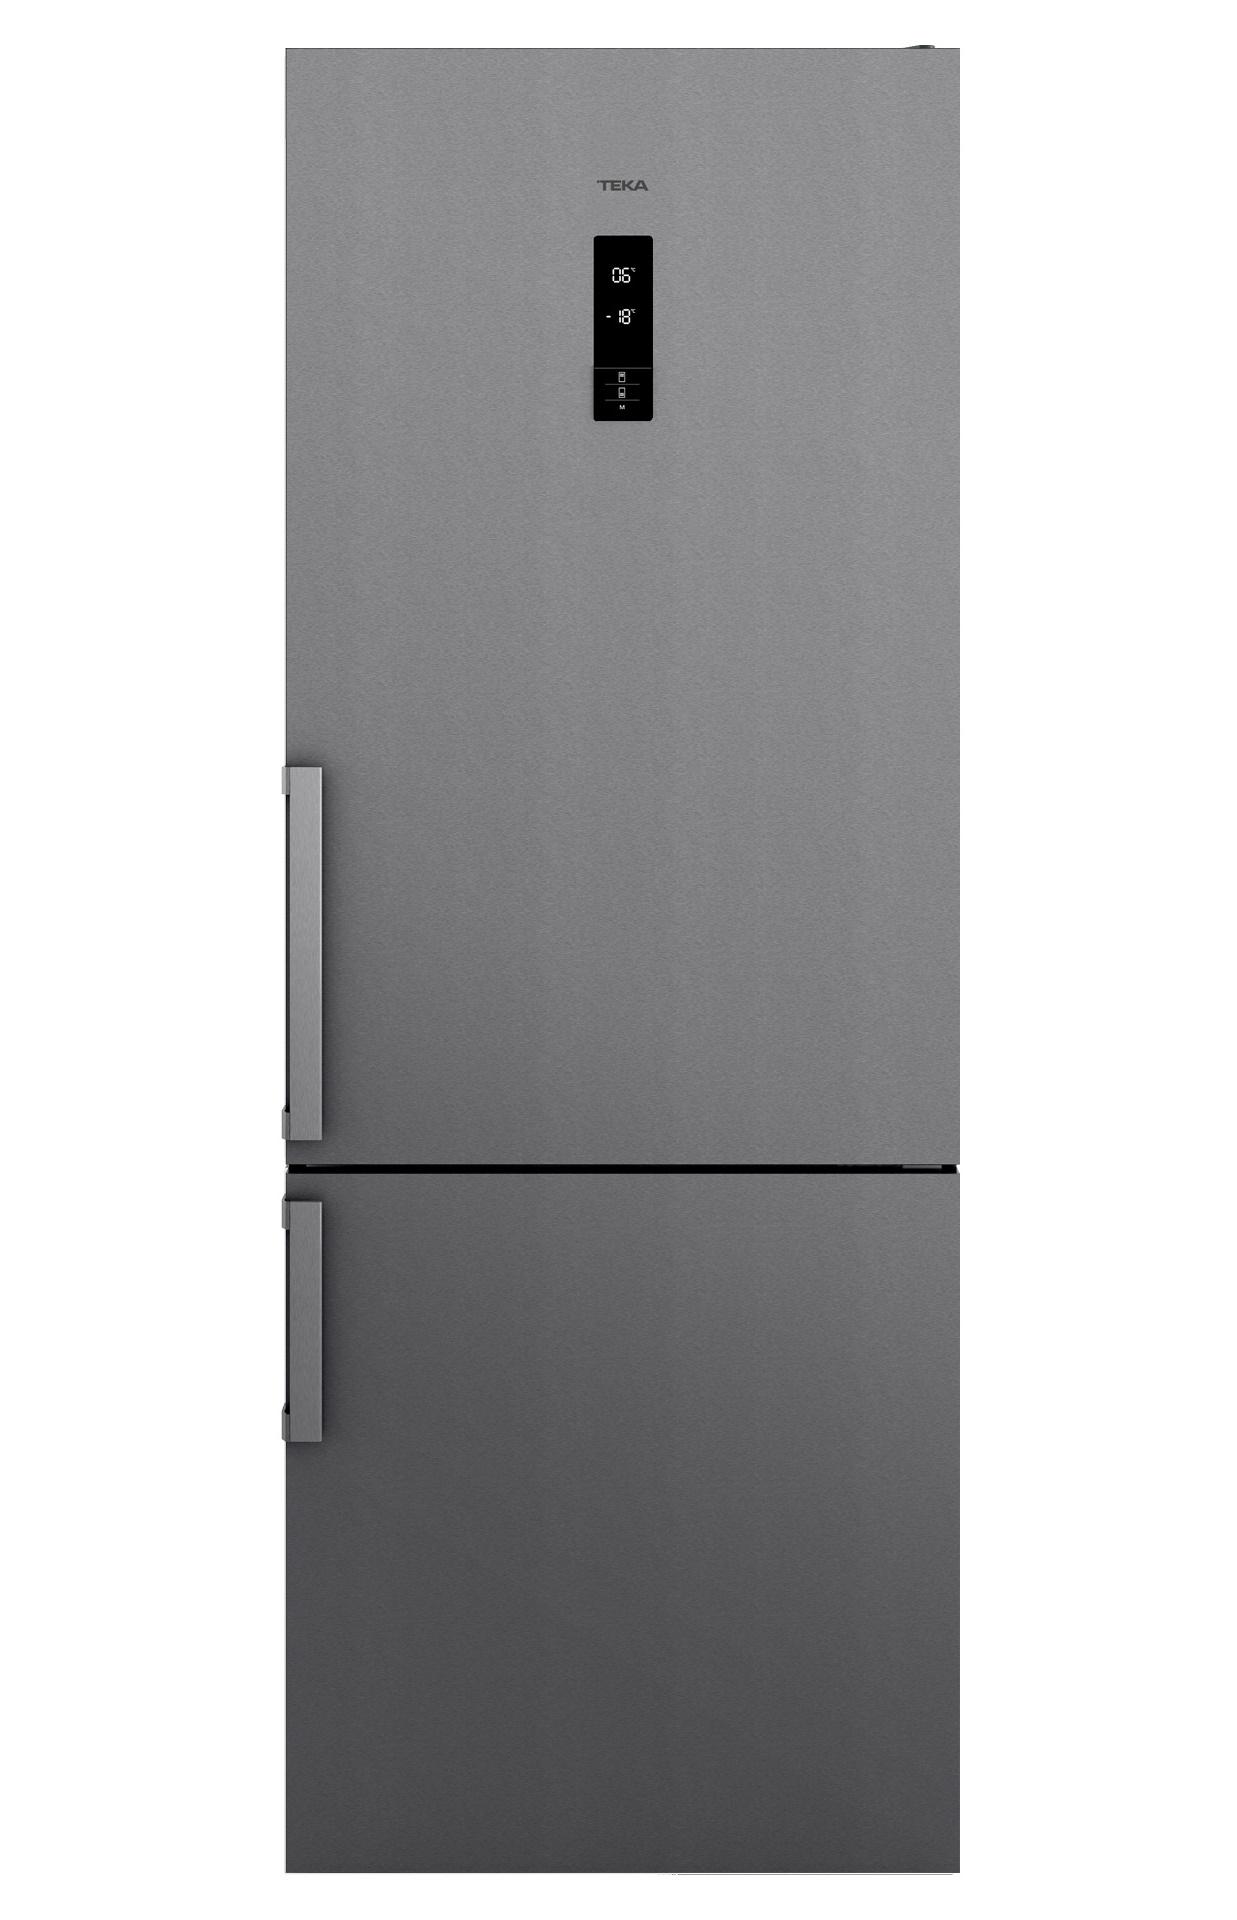 Combina frigorifica Teka Maestro RBF 78720 SS LongLife No Frost IonClean 461 litri net clasa A++ inox poza